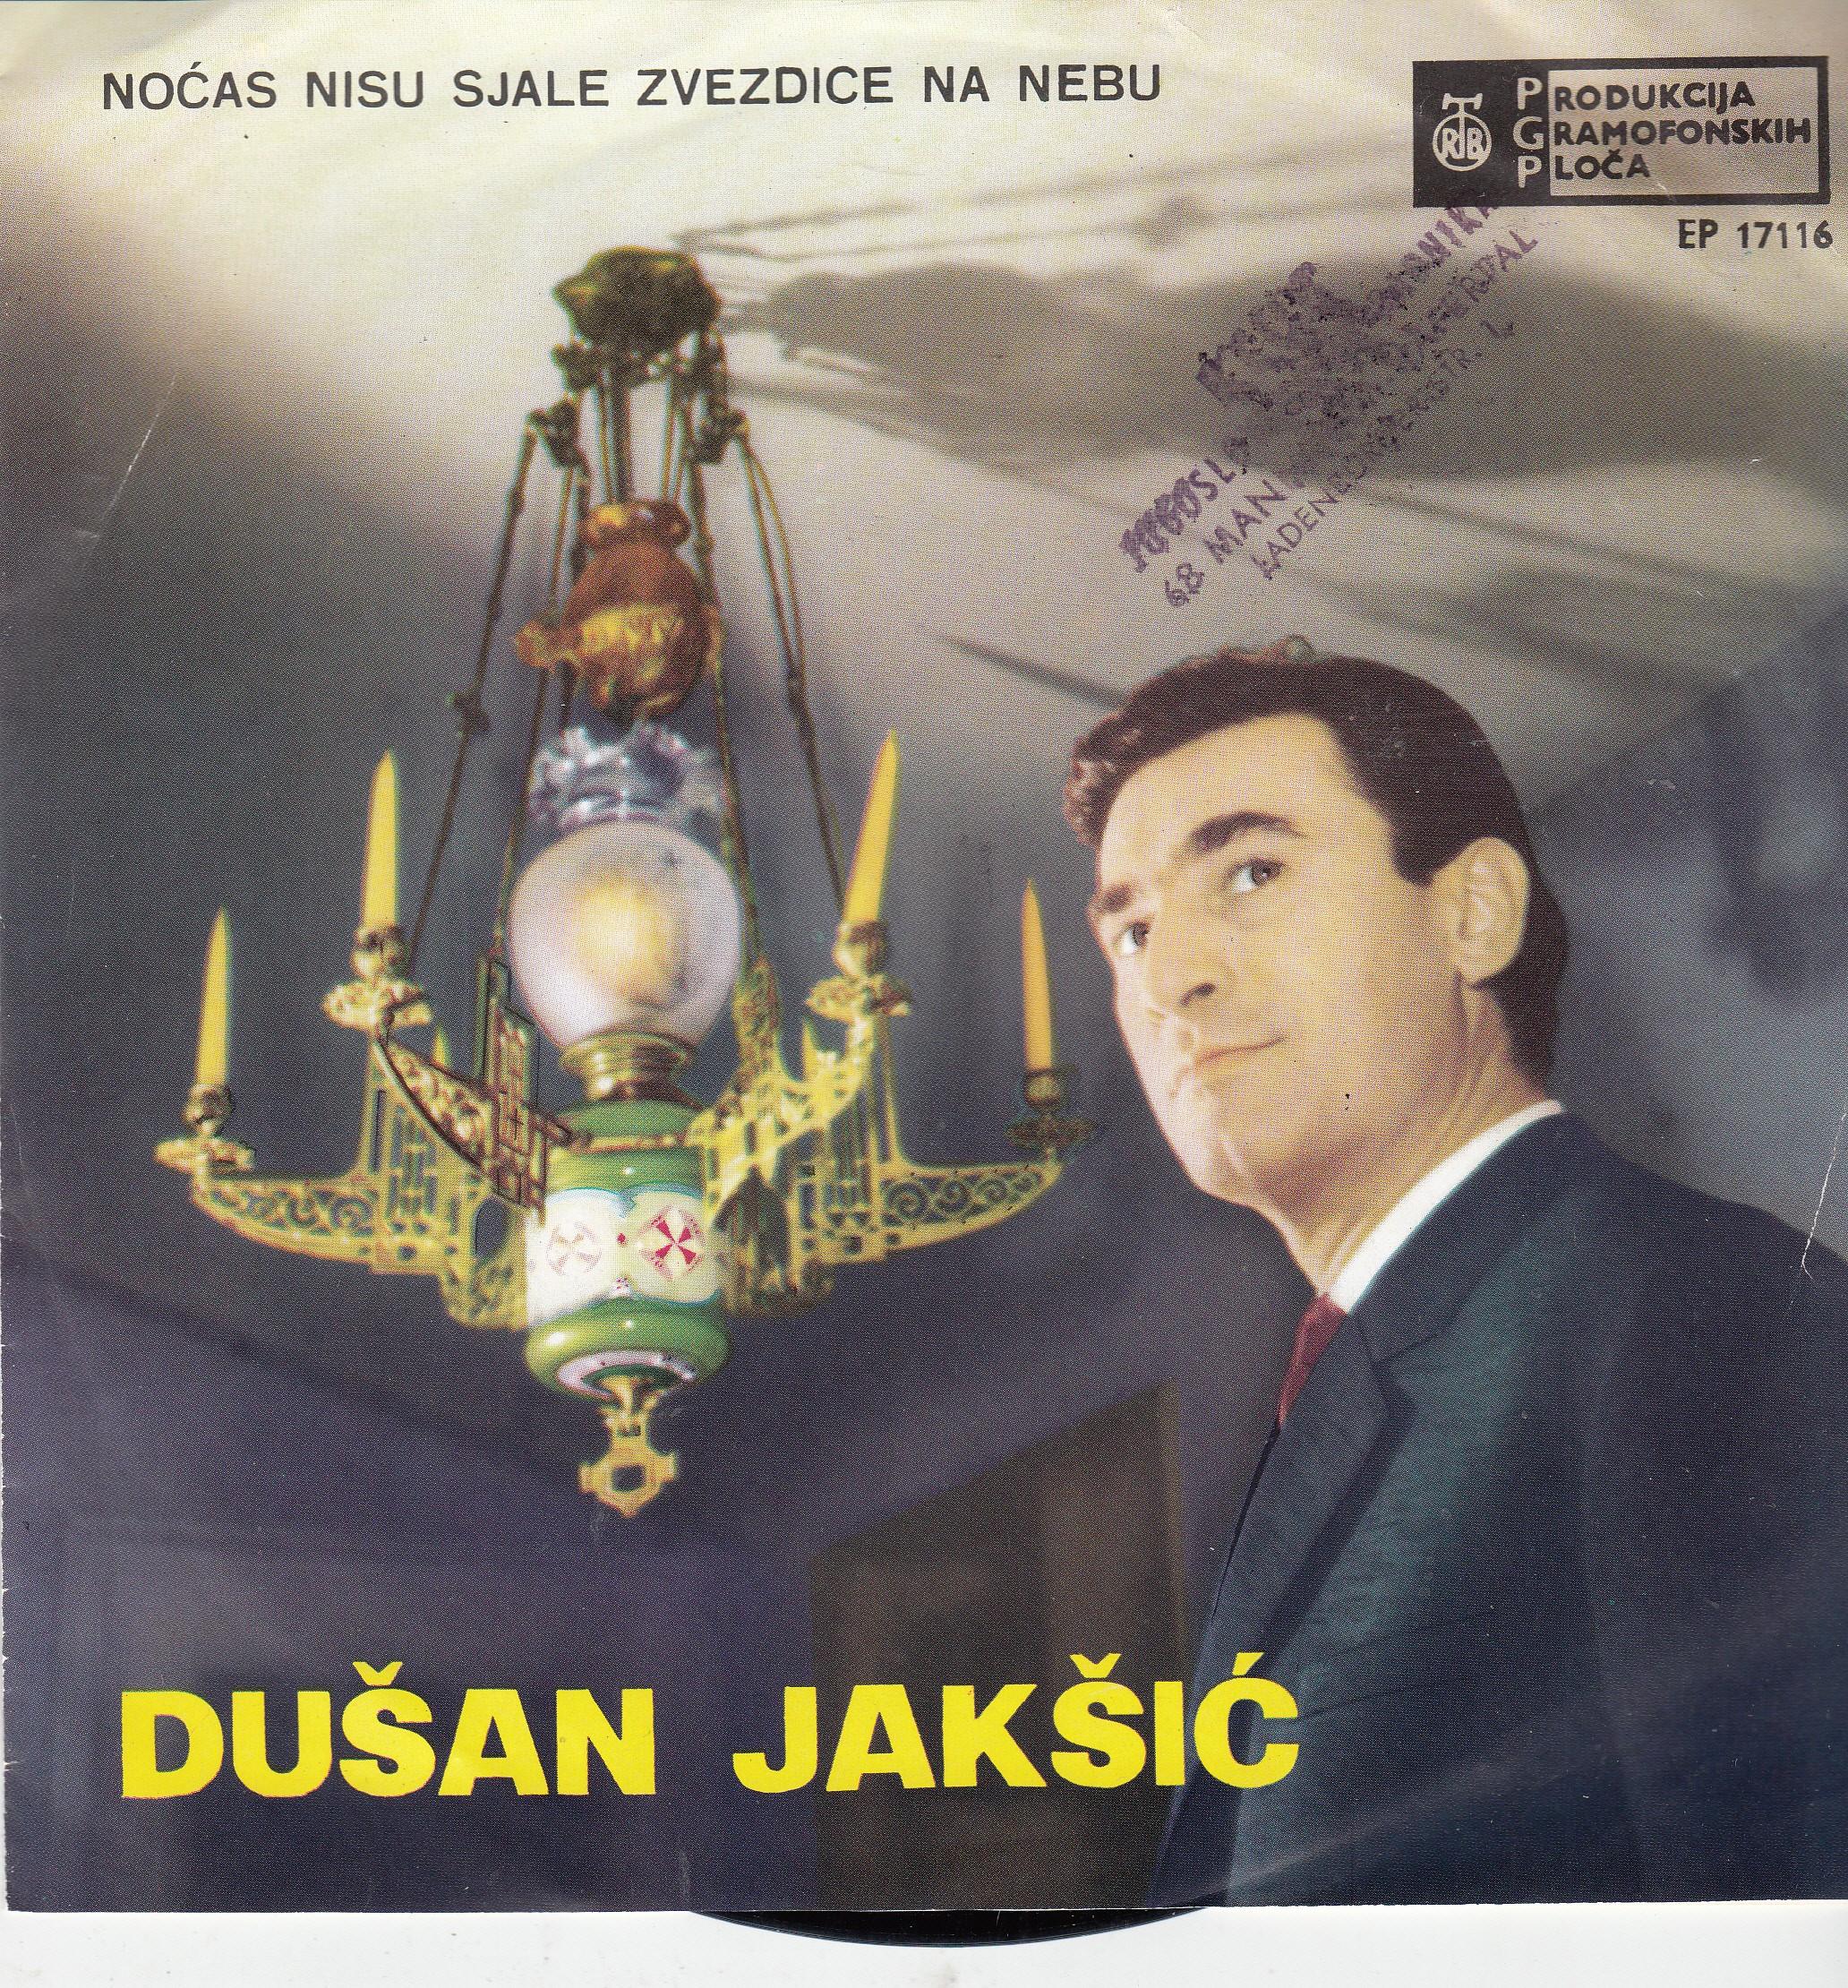 Jaksic Dusan - Nocas Nisu Sjale Zvezdice Na Nebu/moja Mala Nema Mane/jesen Stize Dunjo Moja Al Je Lep Ovaj Svet